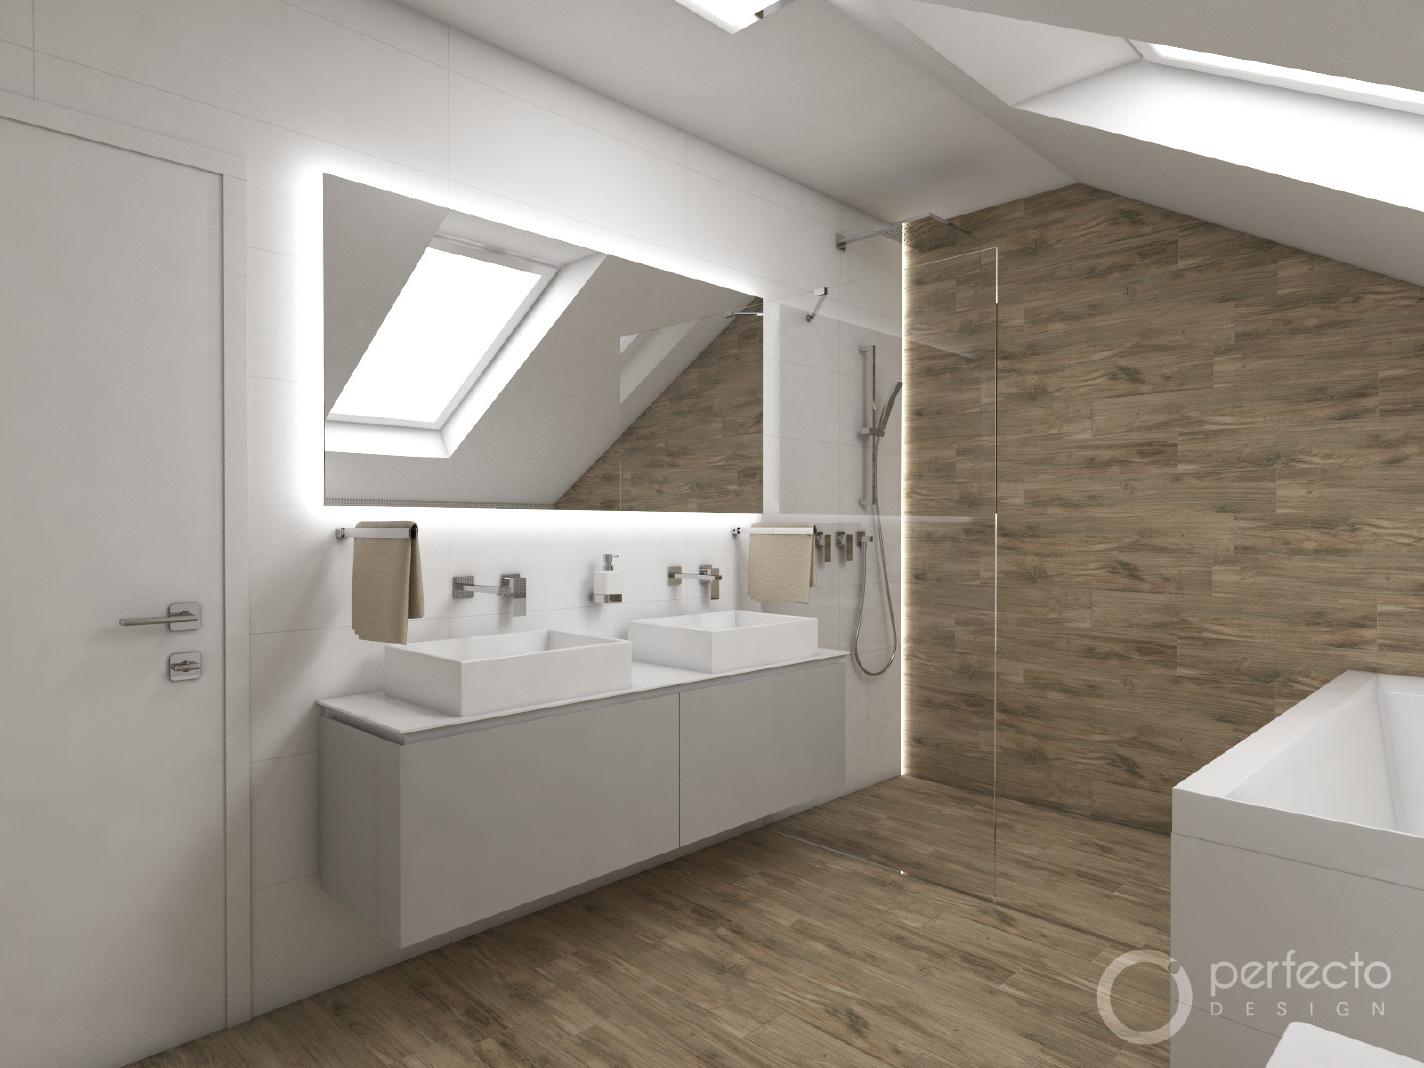 Sichtschutz holz verschonern for Badezimmer verschonern